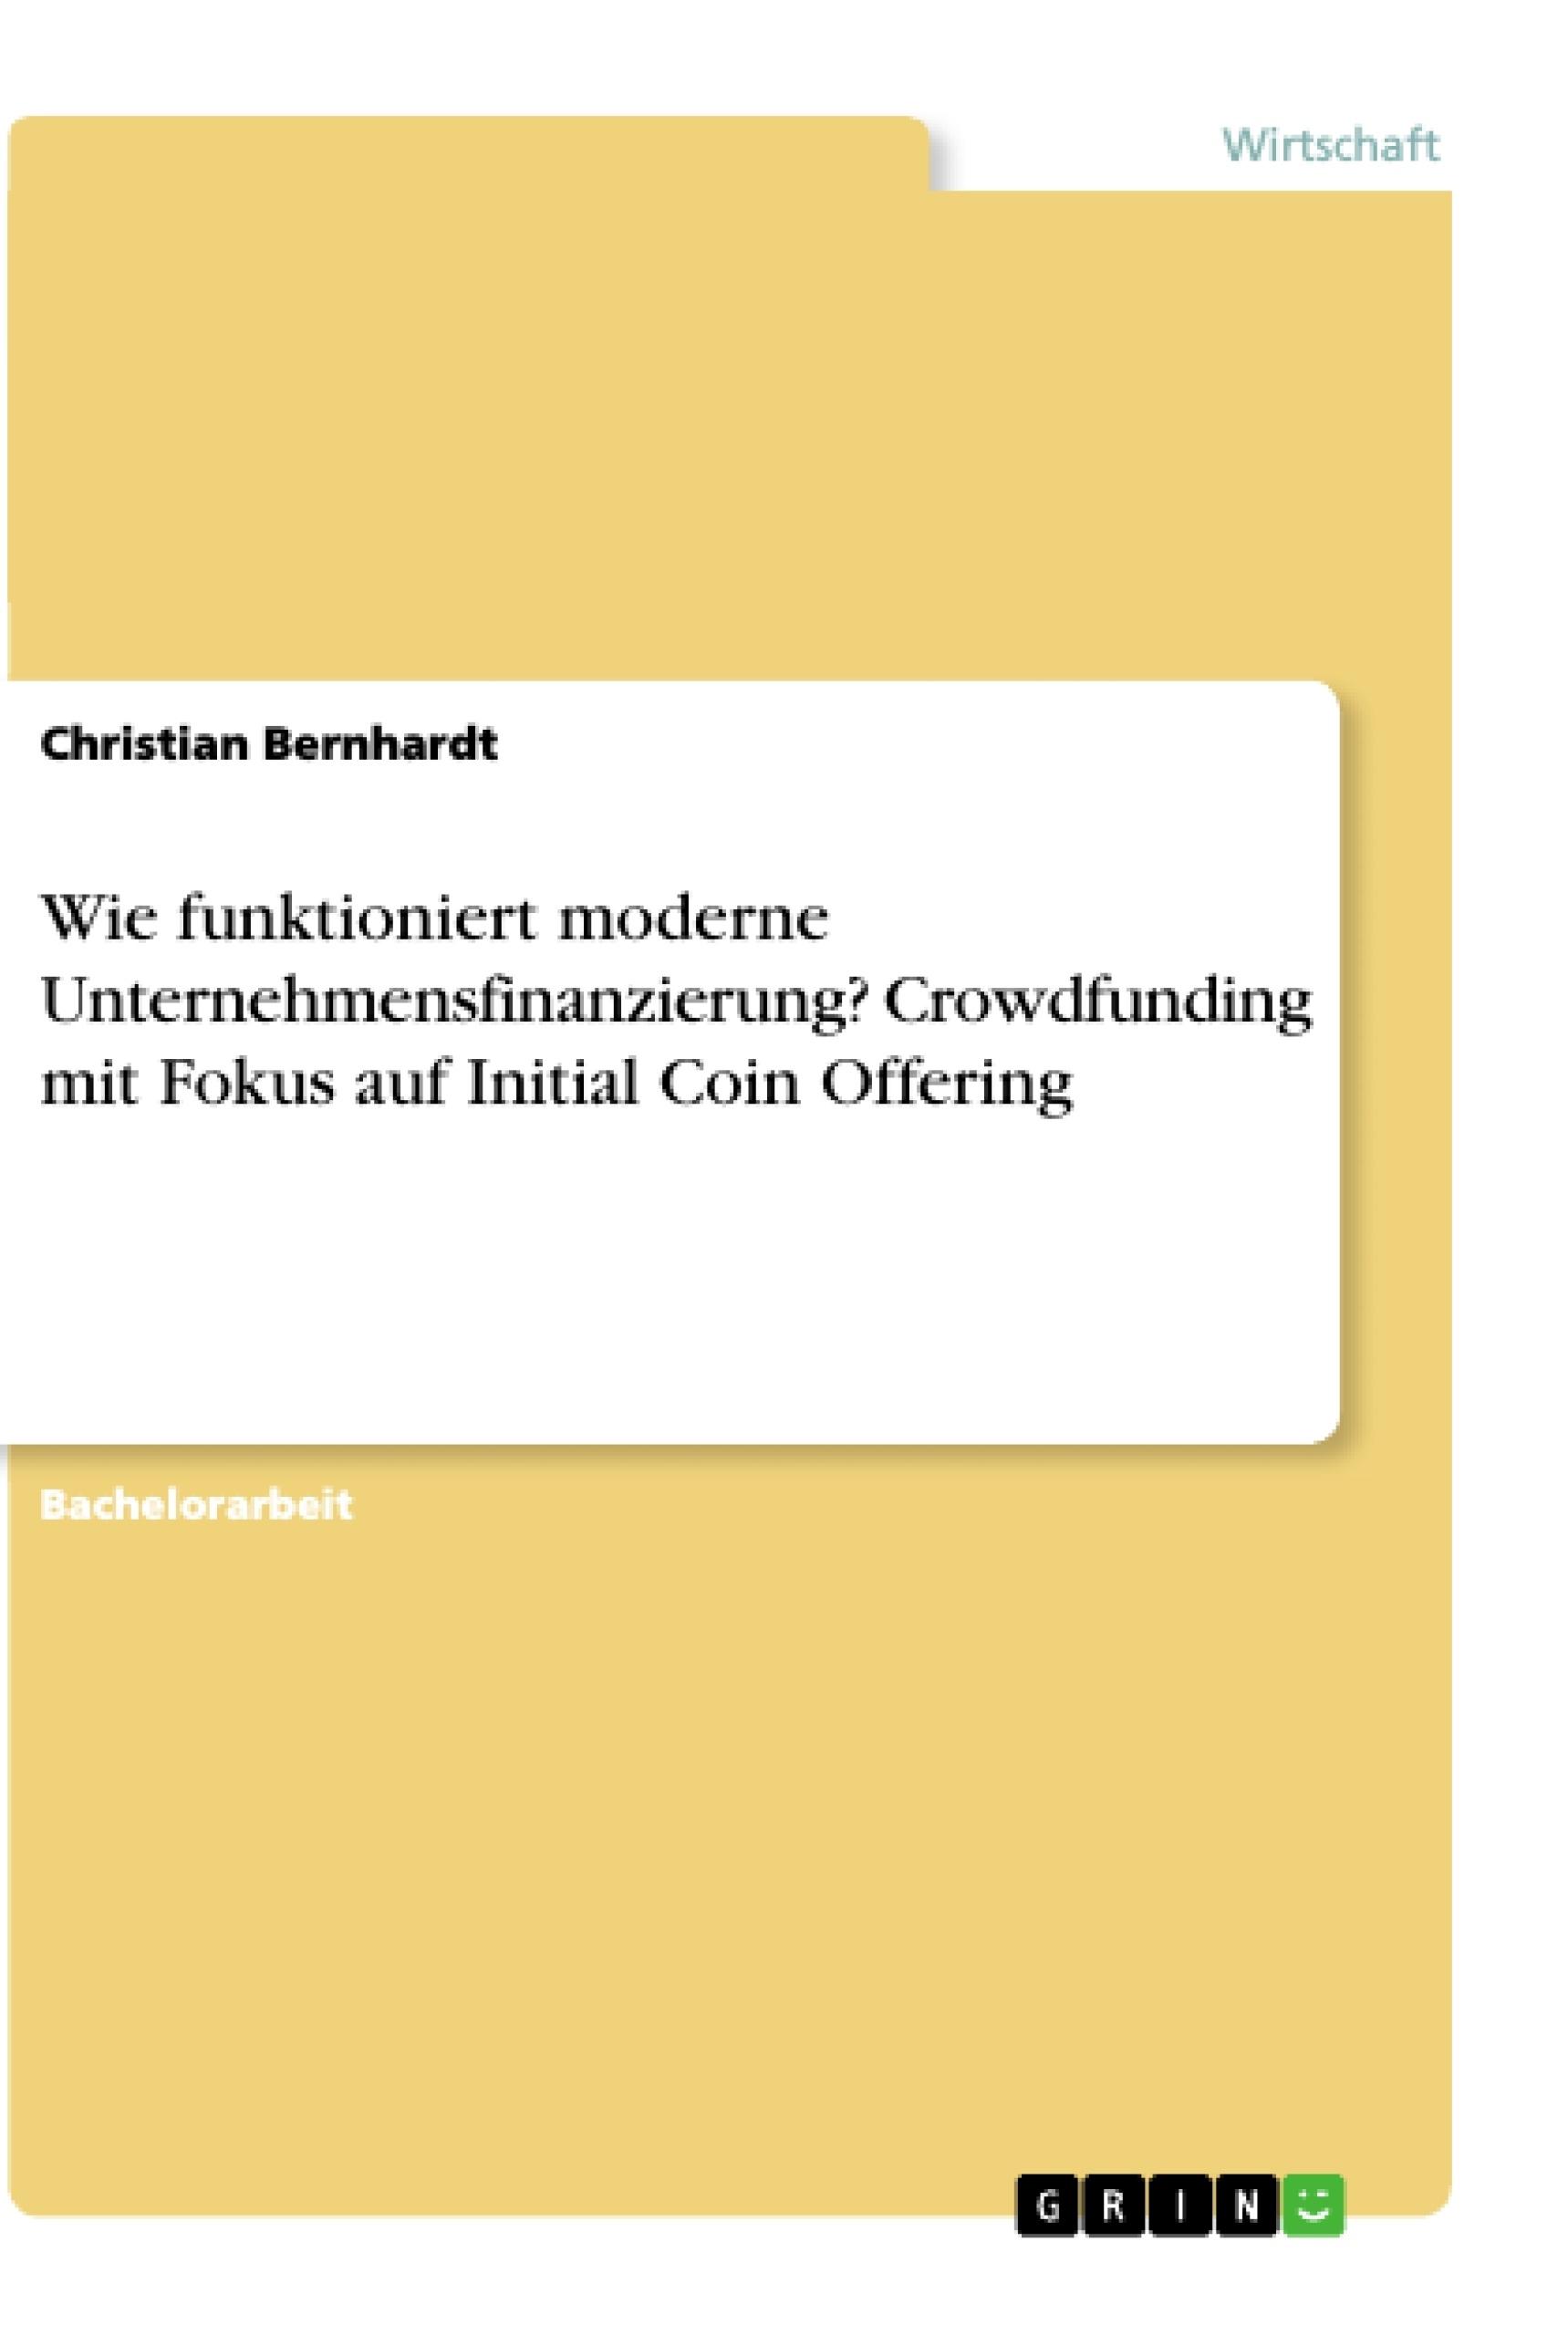 Titel: Wie funktioniert moderne Unternehmensfinanzierung? Crowdfunding mit Fokus auf Initial Coin Offering